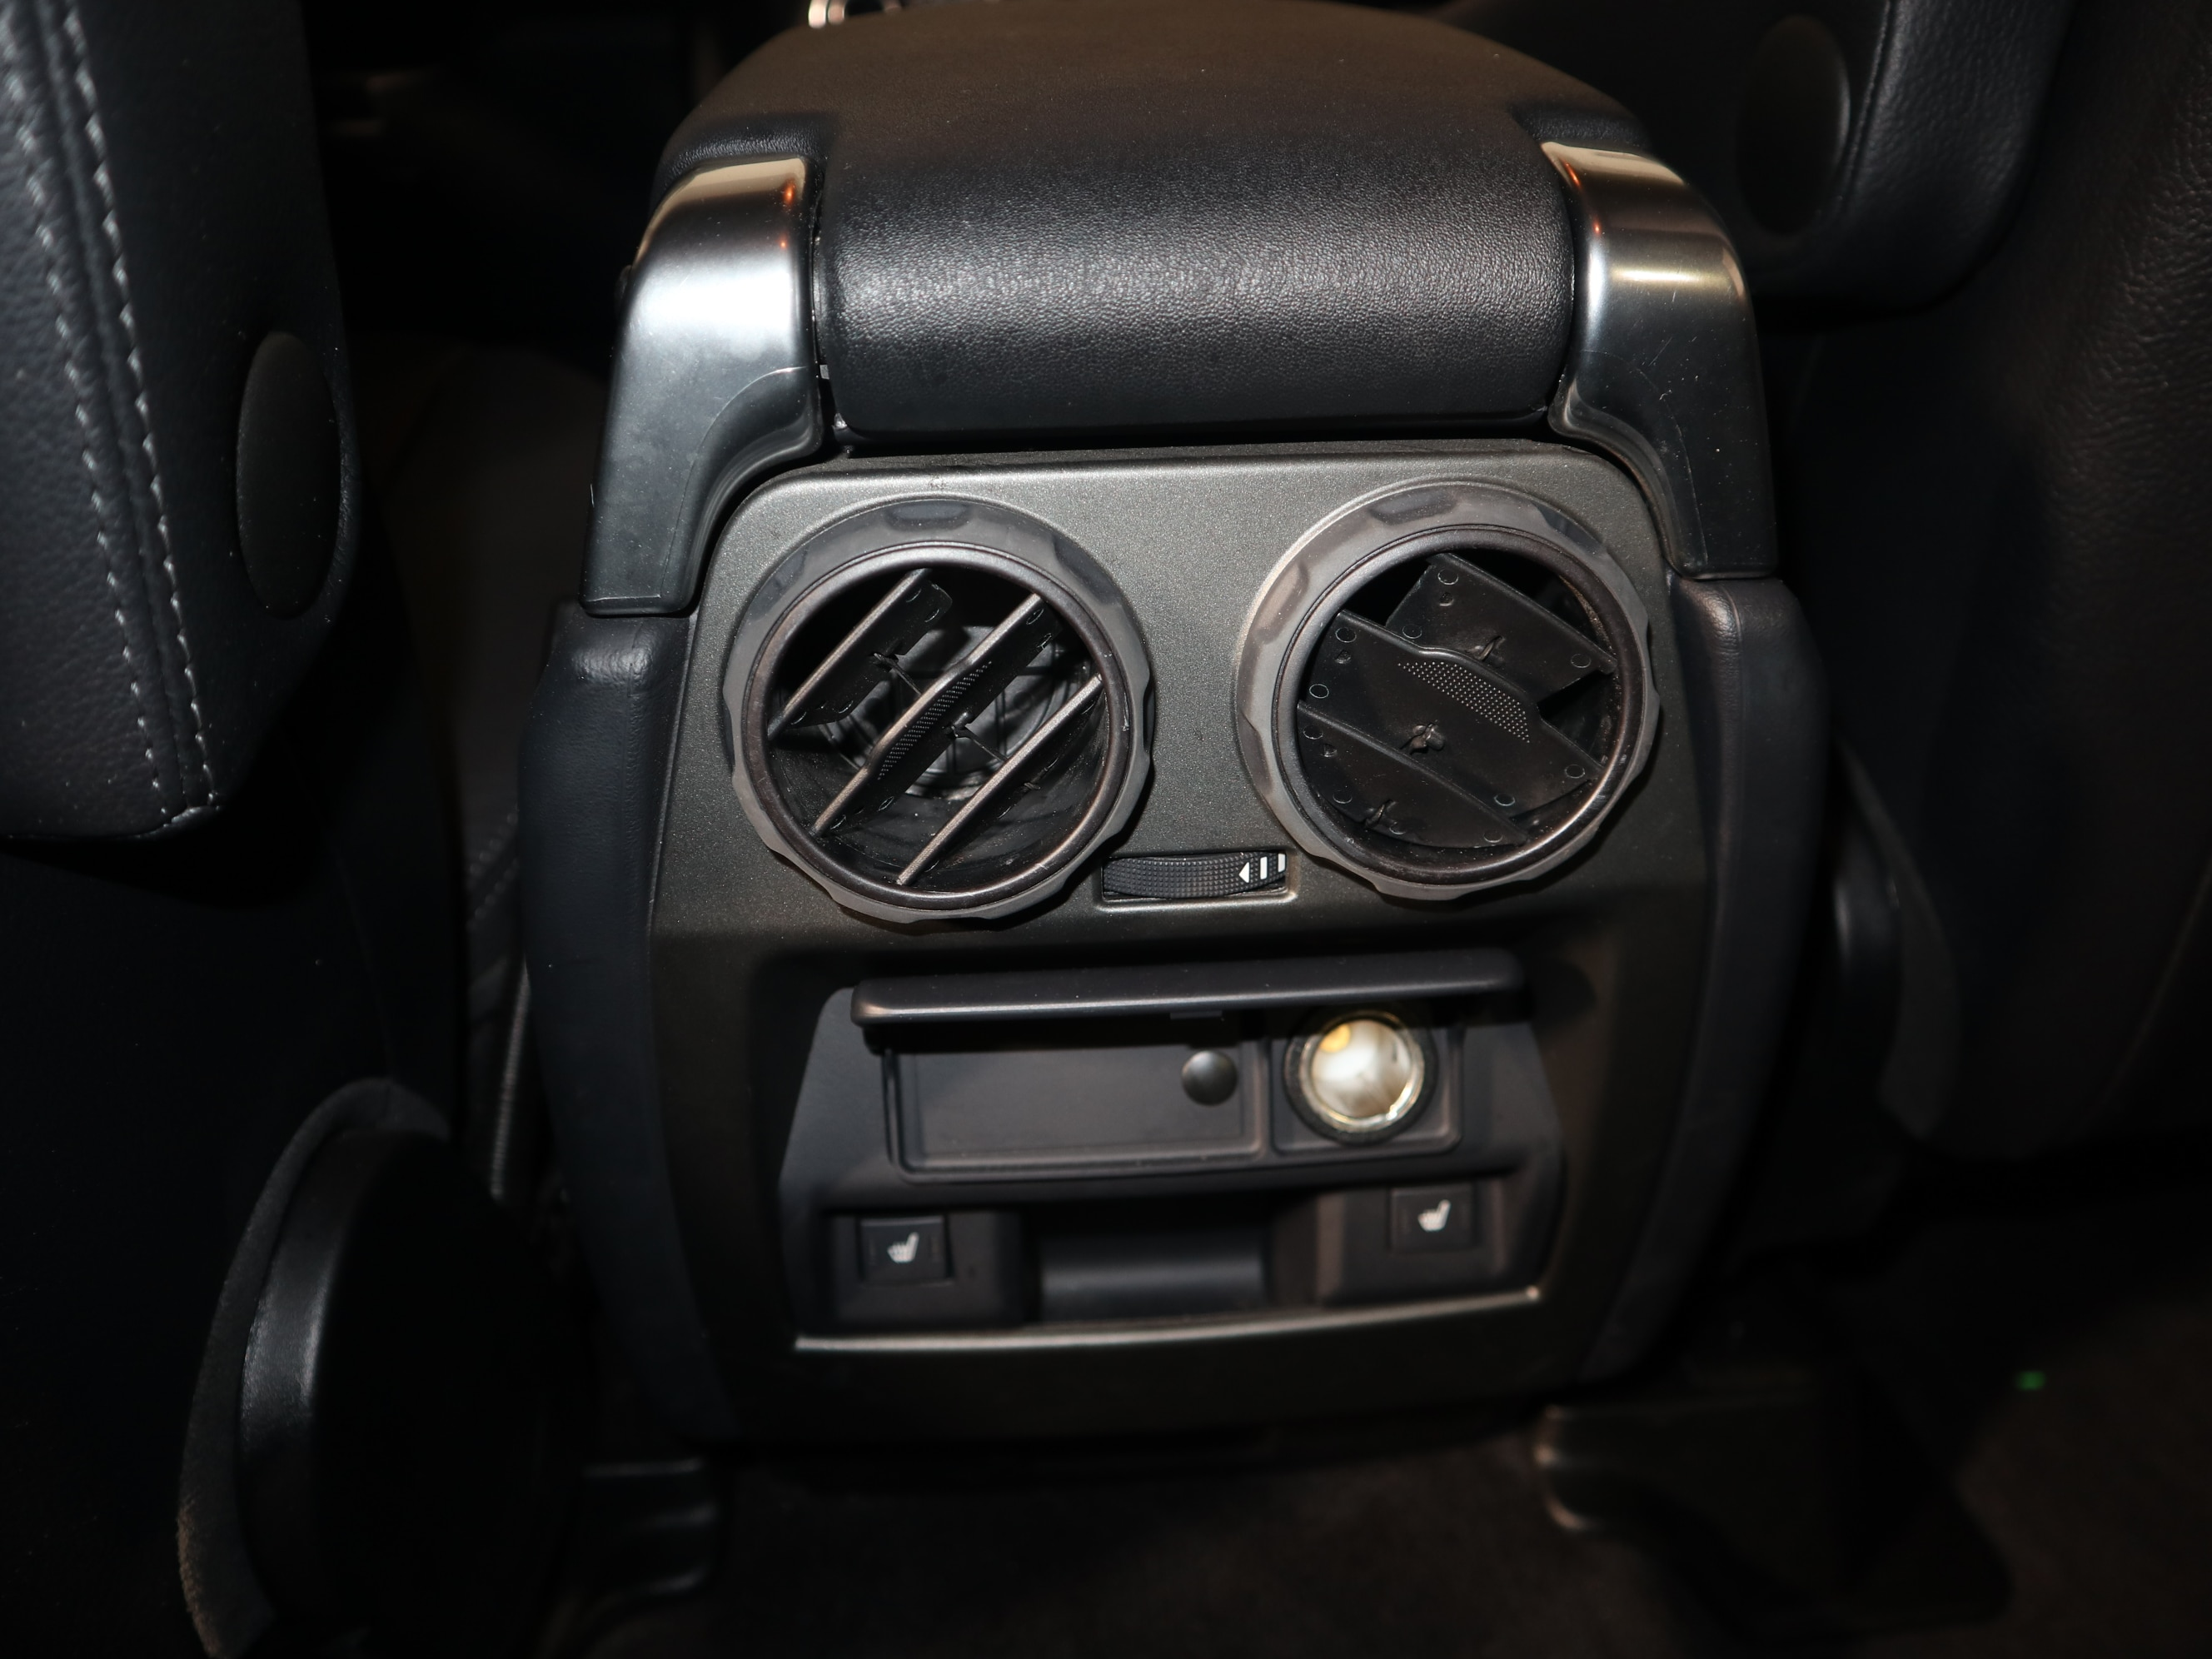 2015 Land Rover LR4 - Fair Car Ownership